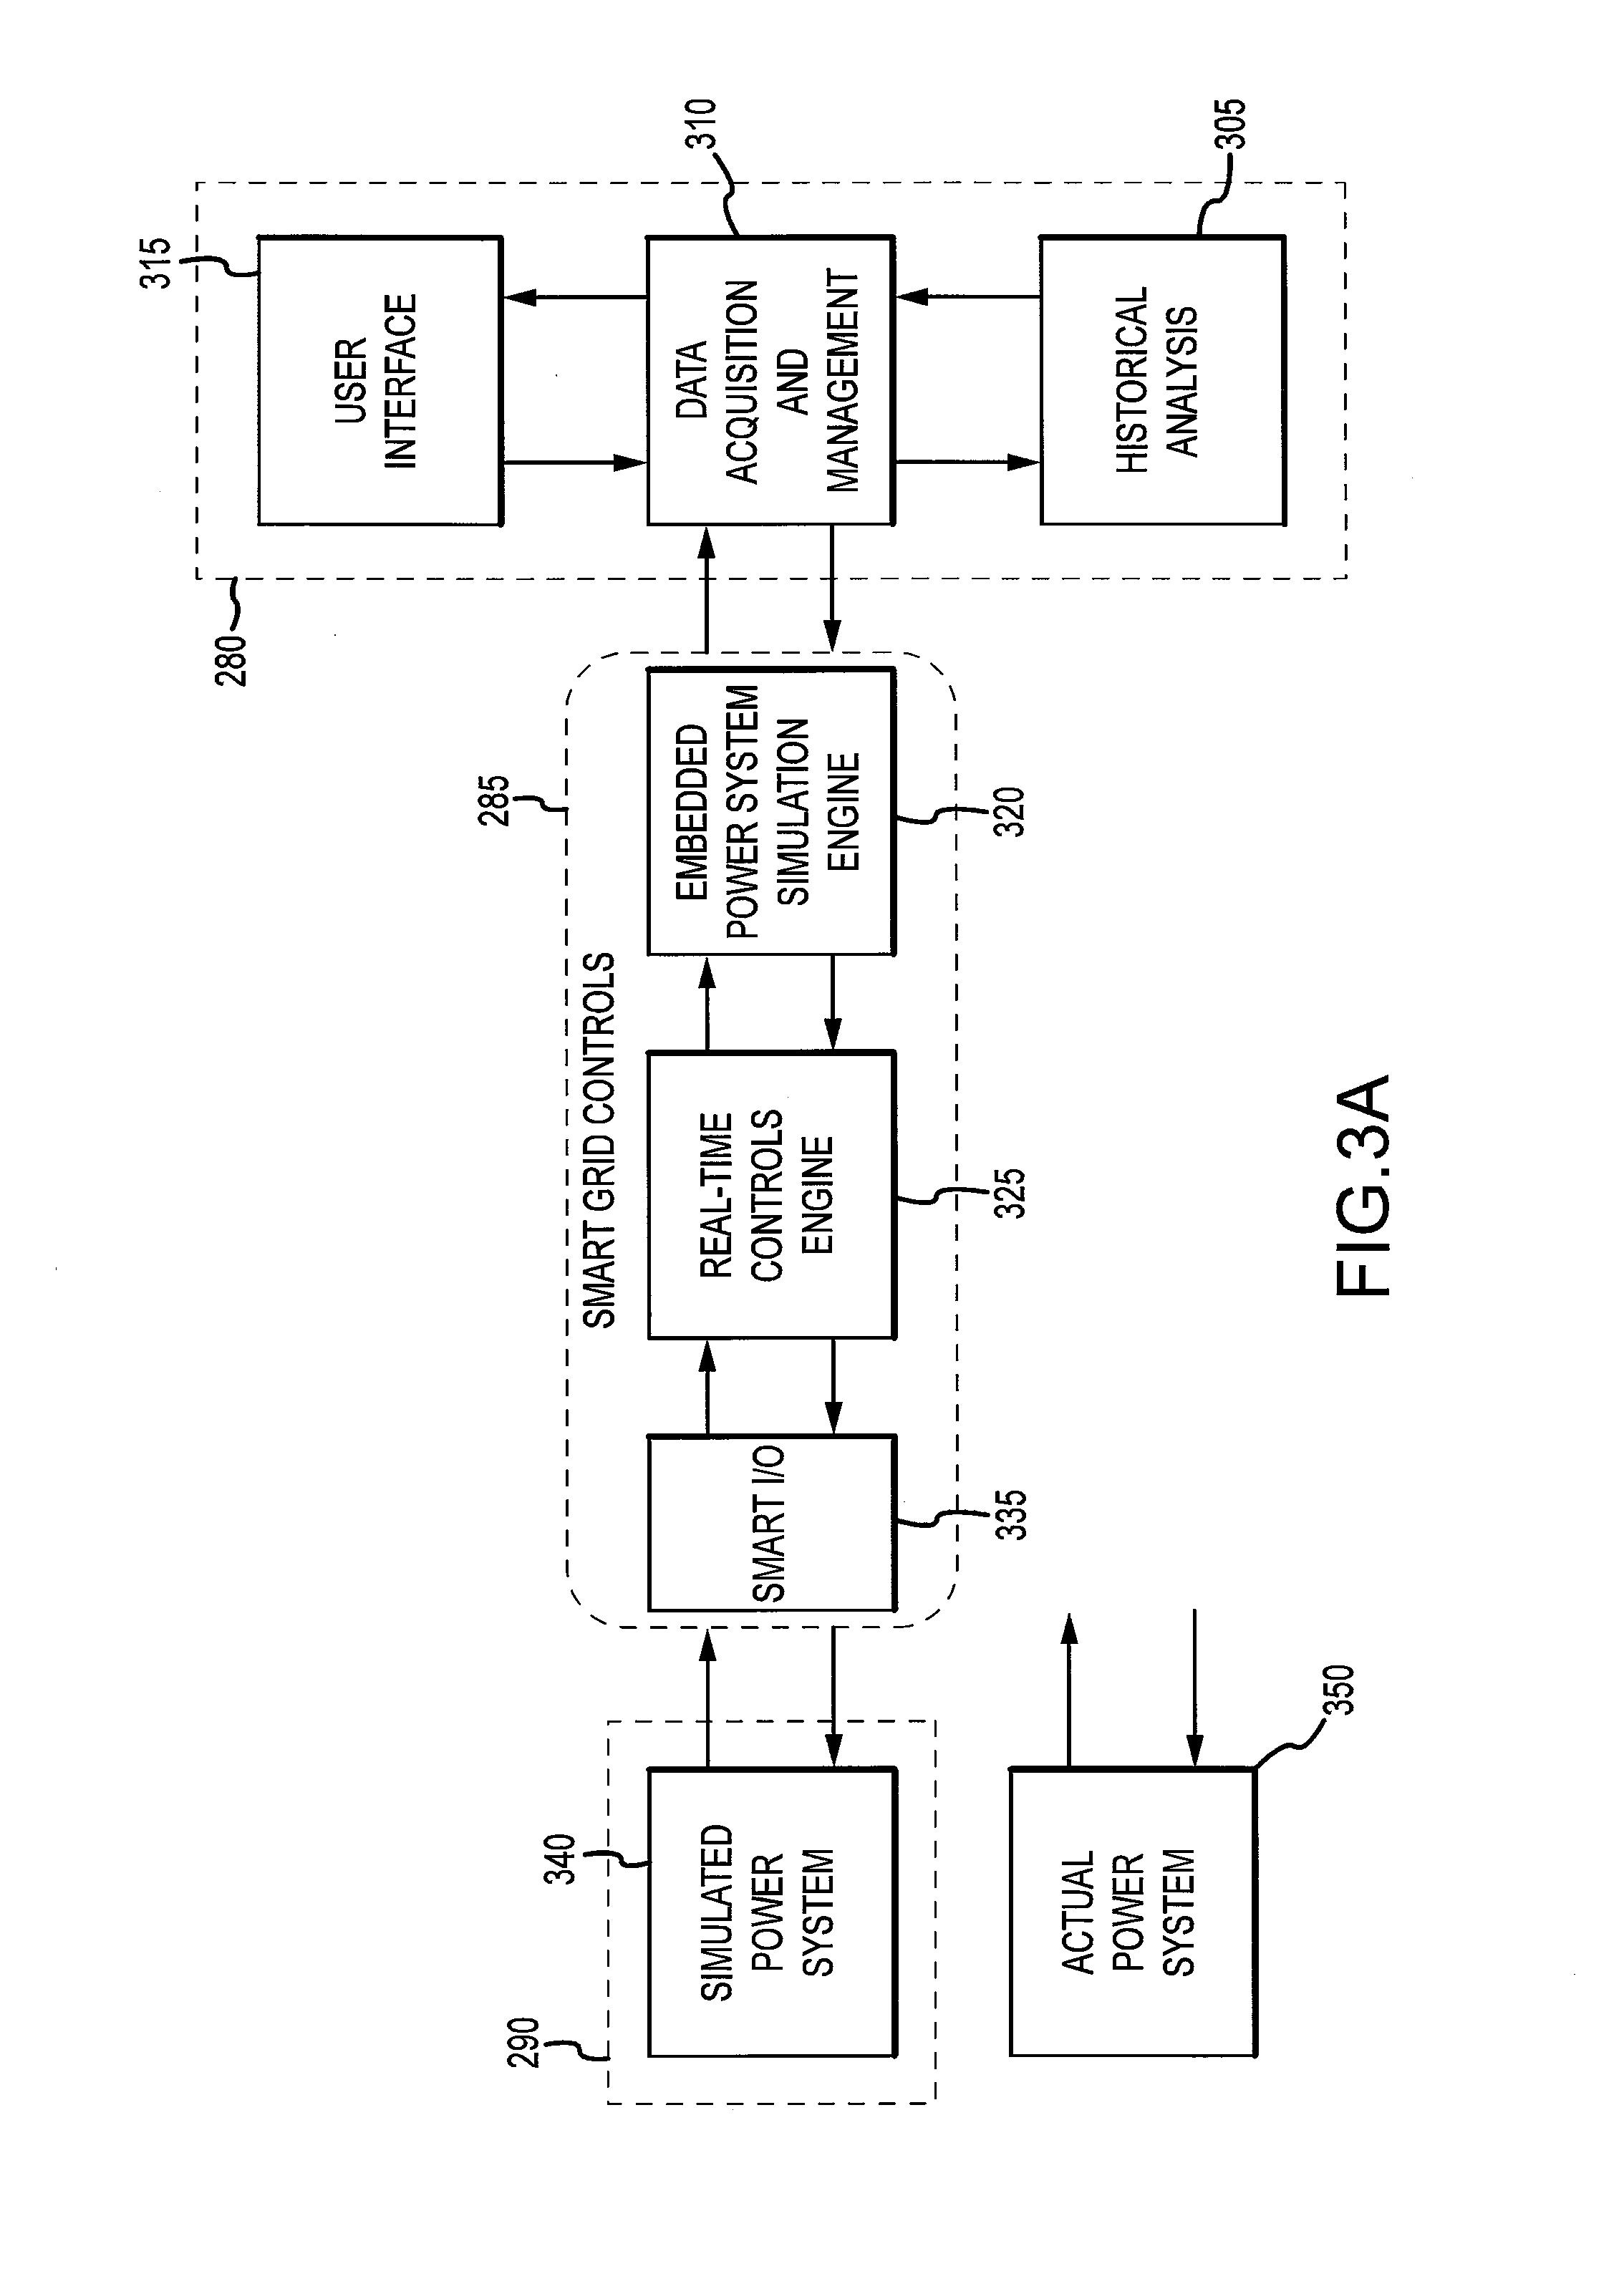 patent us20110106321